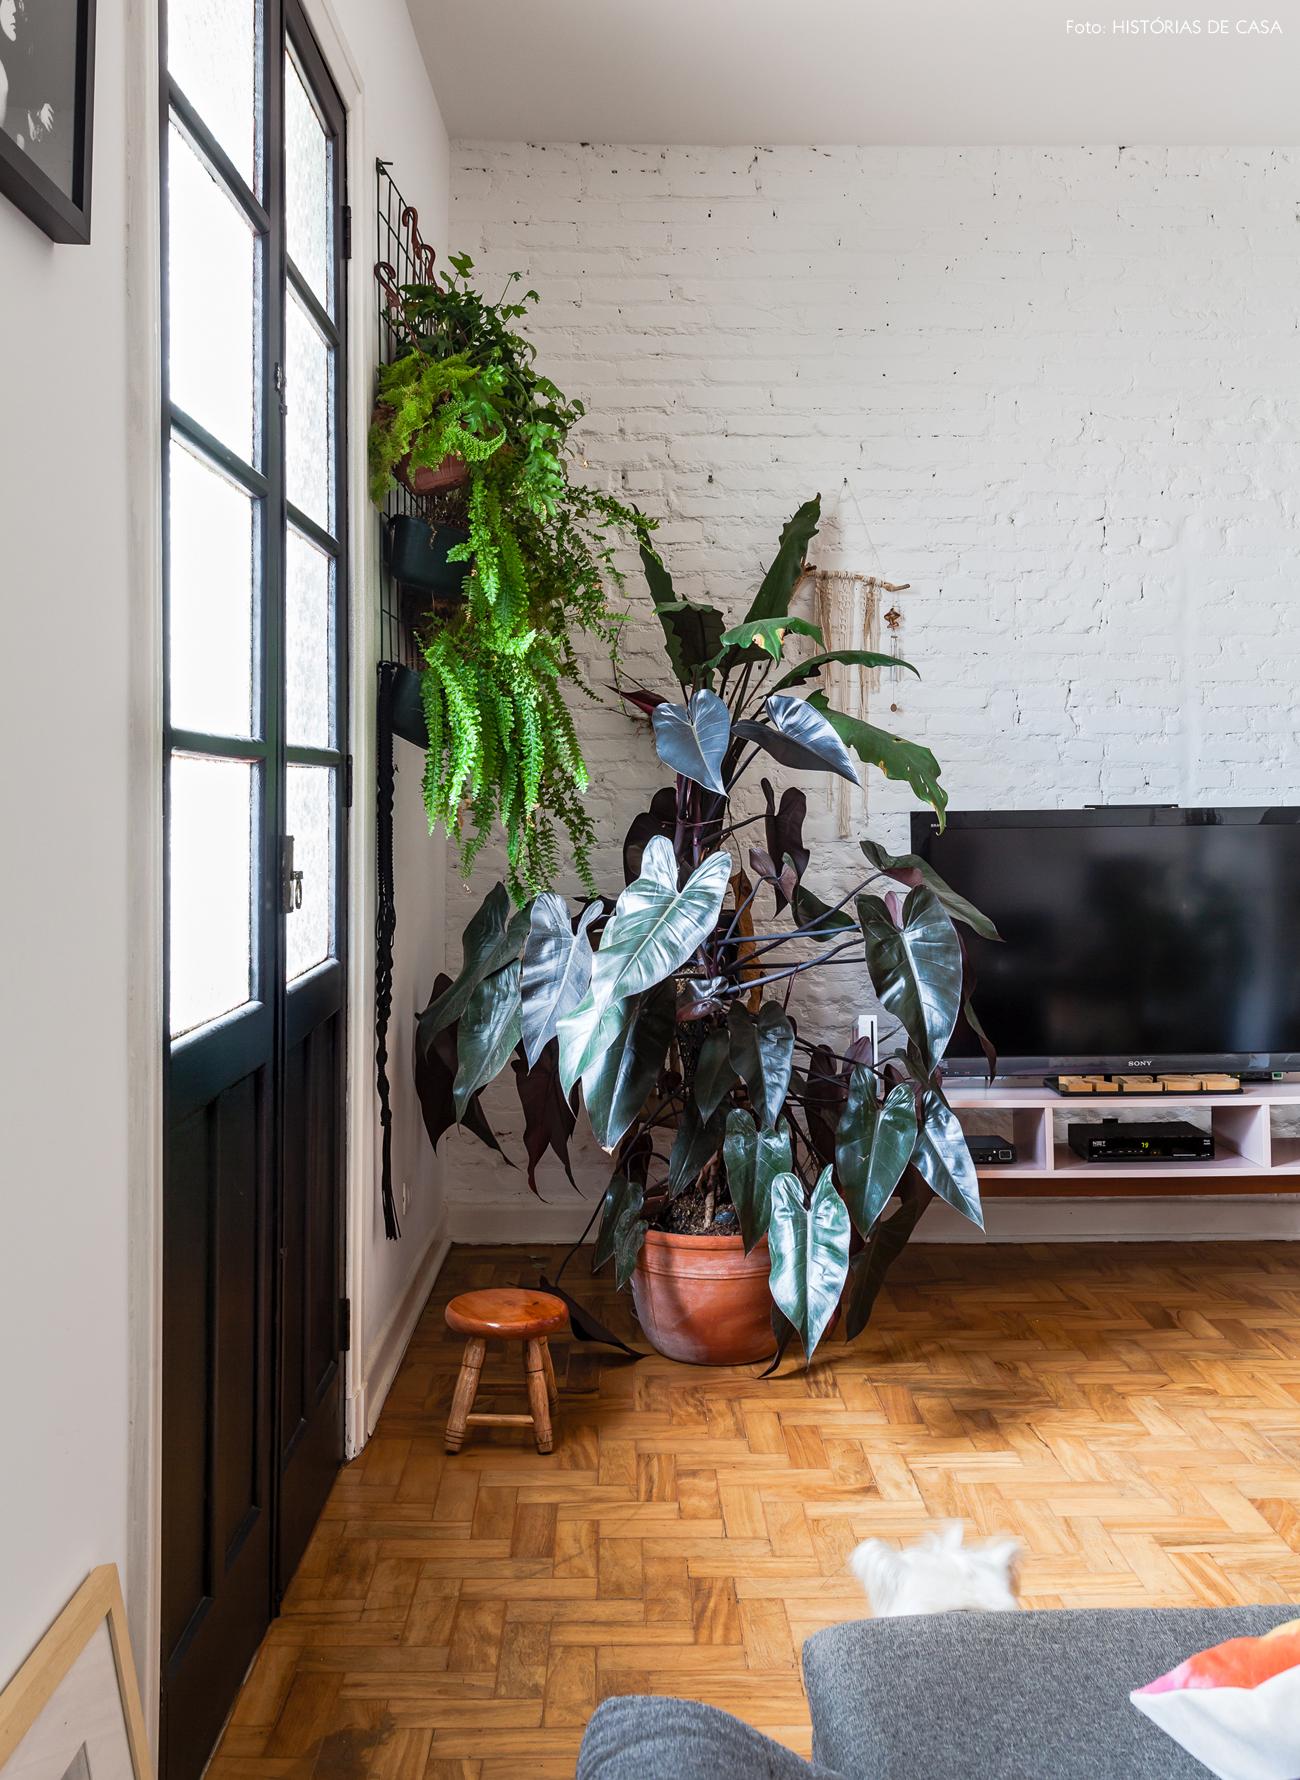 22-decoracao-sala-parede-tijolinho-jardim-vertical-grade-ideia-plantas